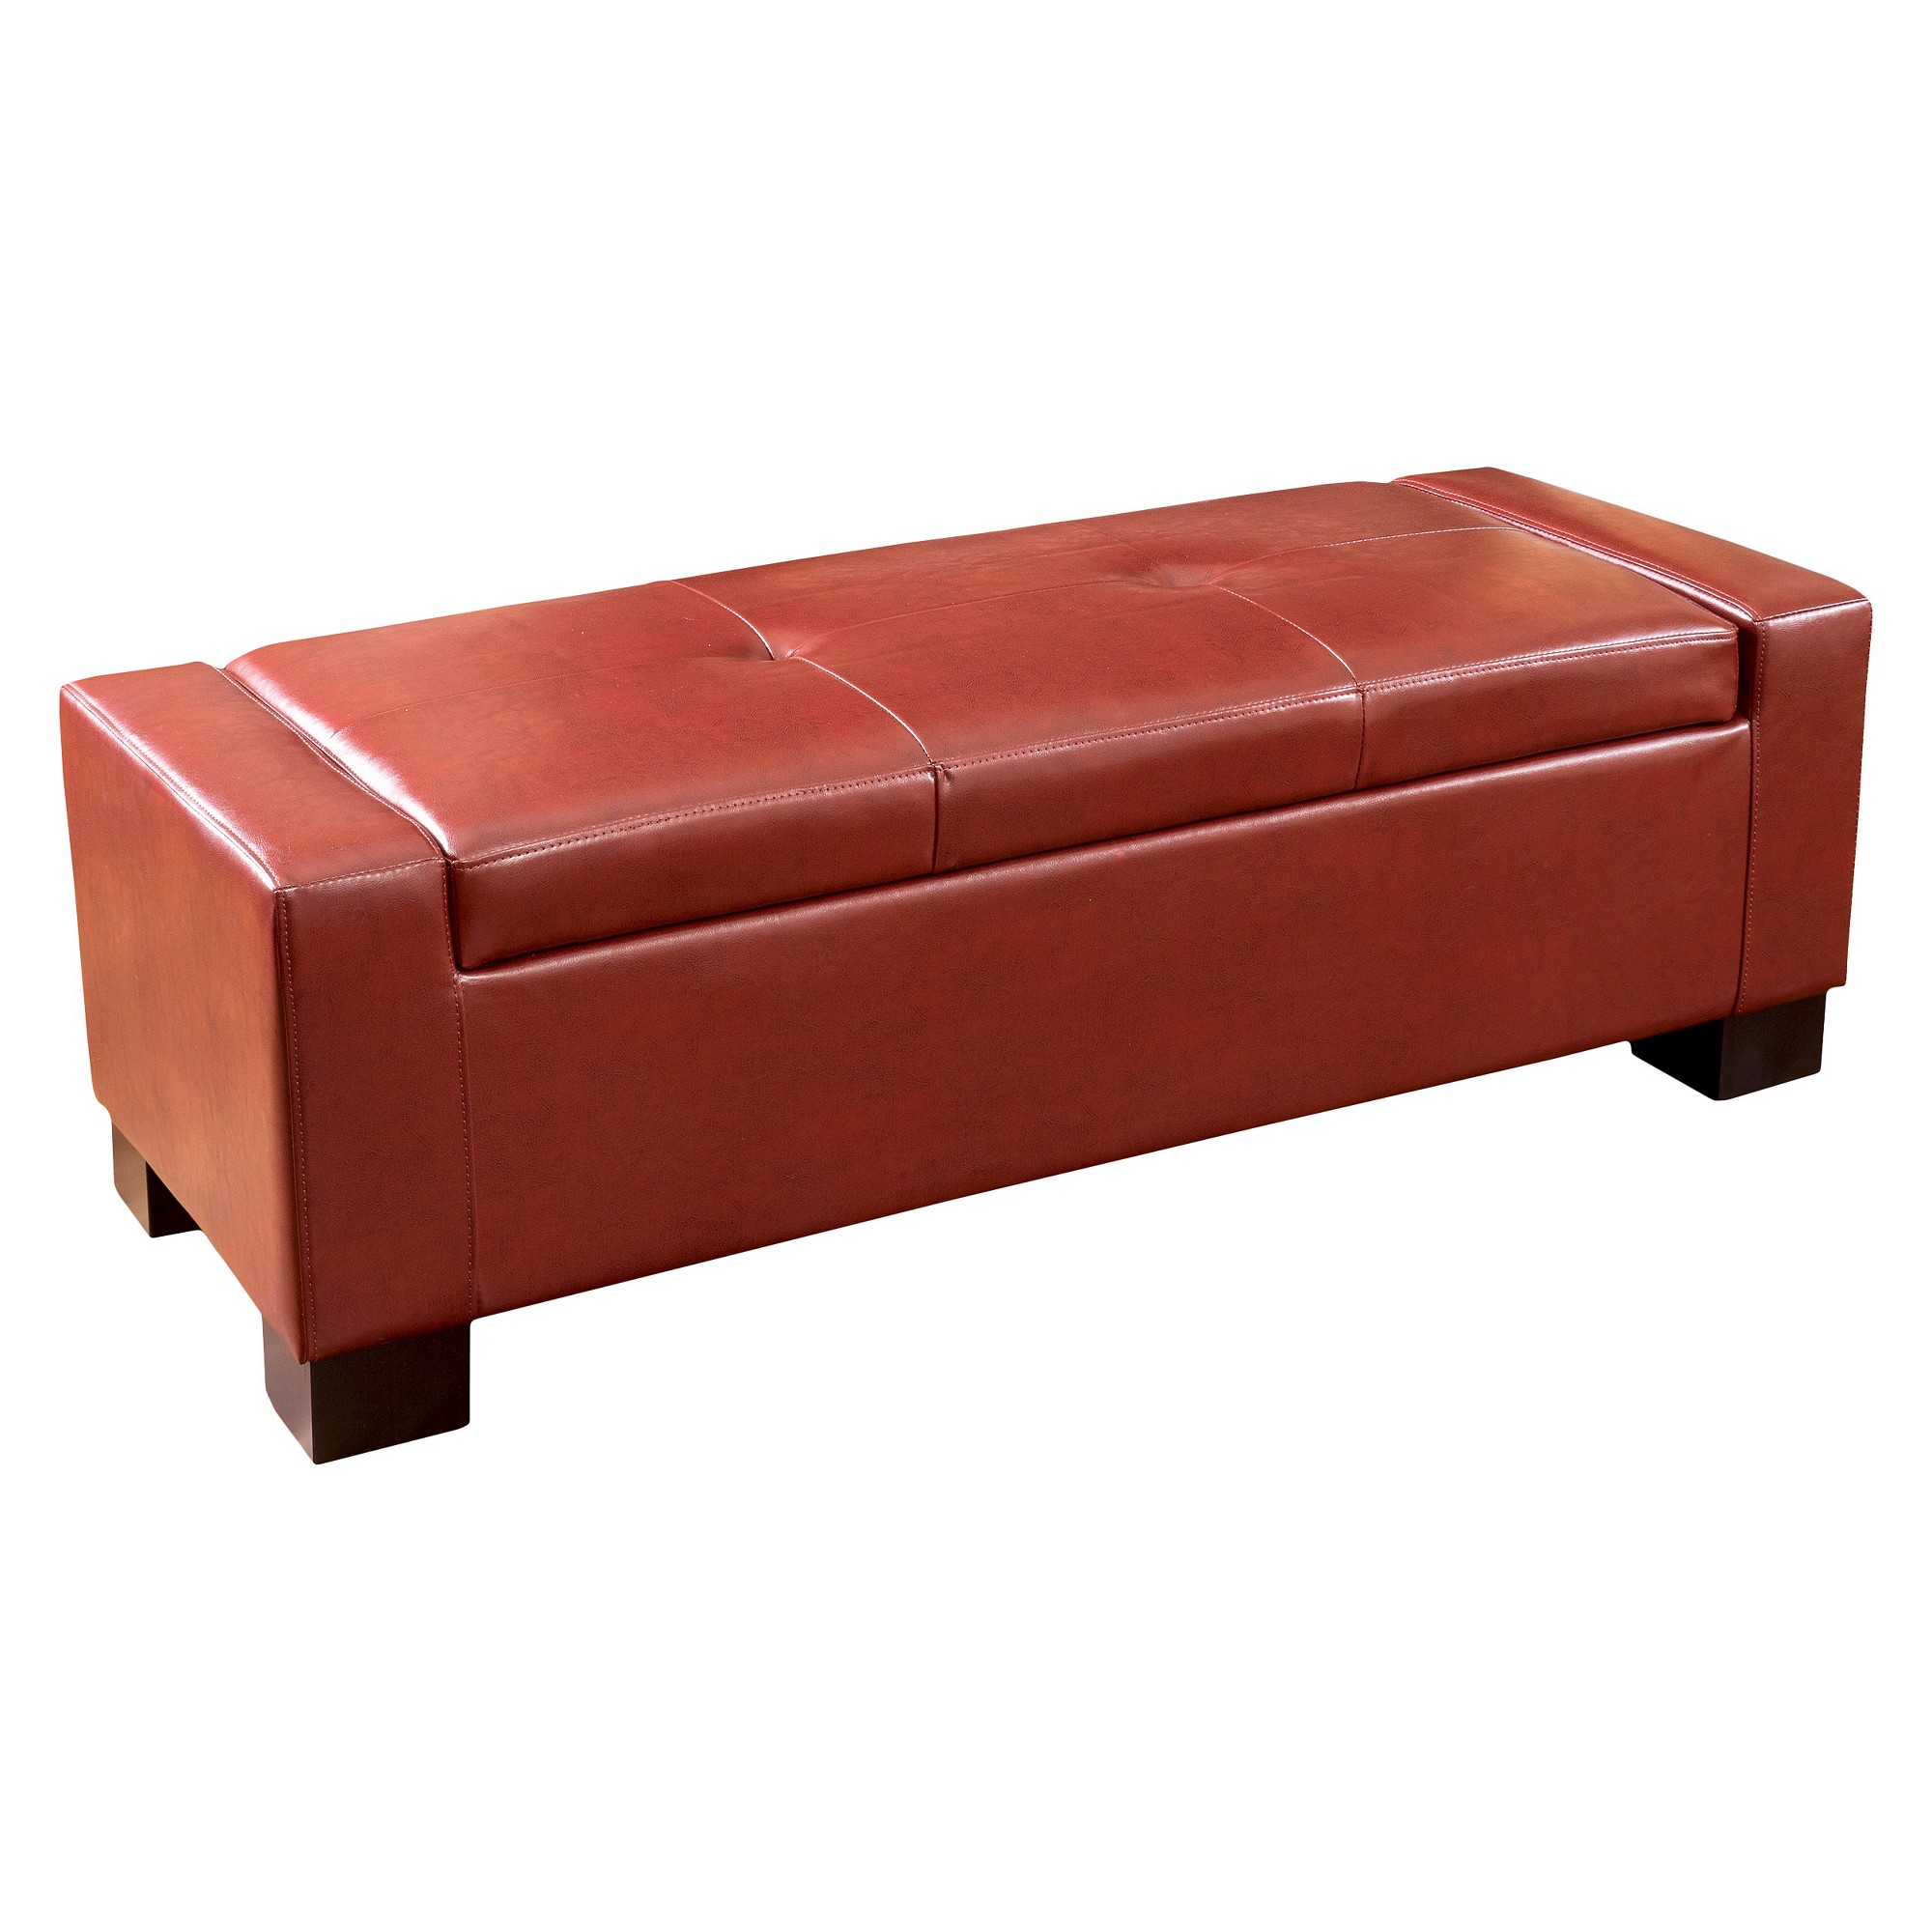 Super Robert Storage Ottoman Oxblood Red Christopher Knight Machost Co Dining Chair Design Ideas Machostcouk